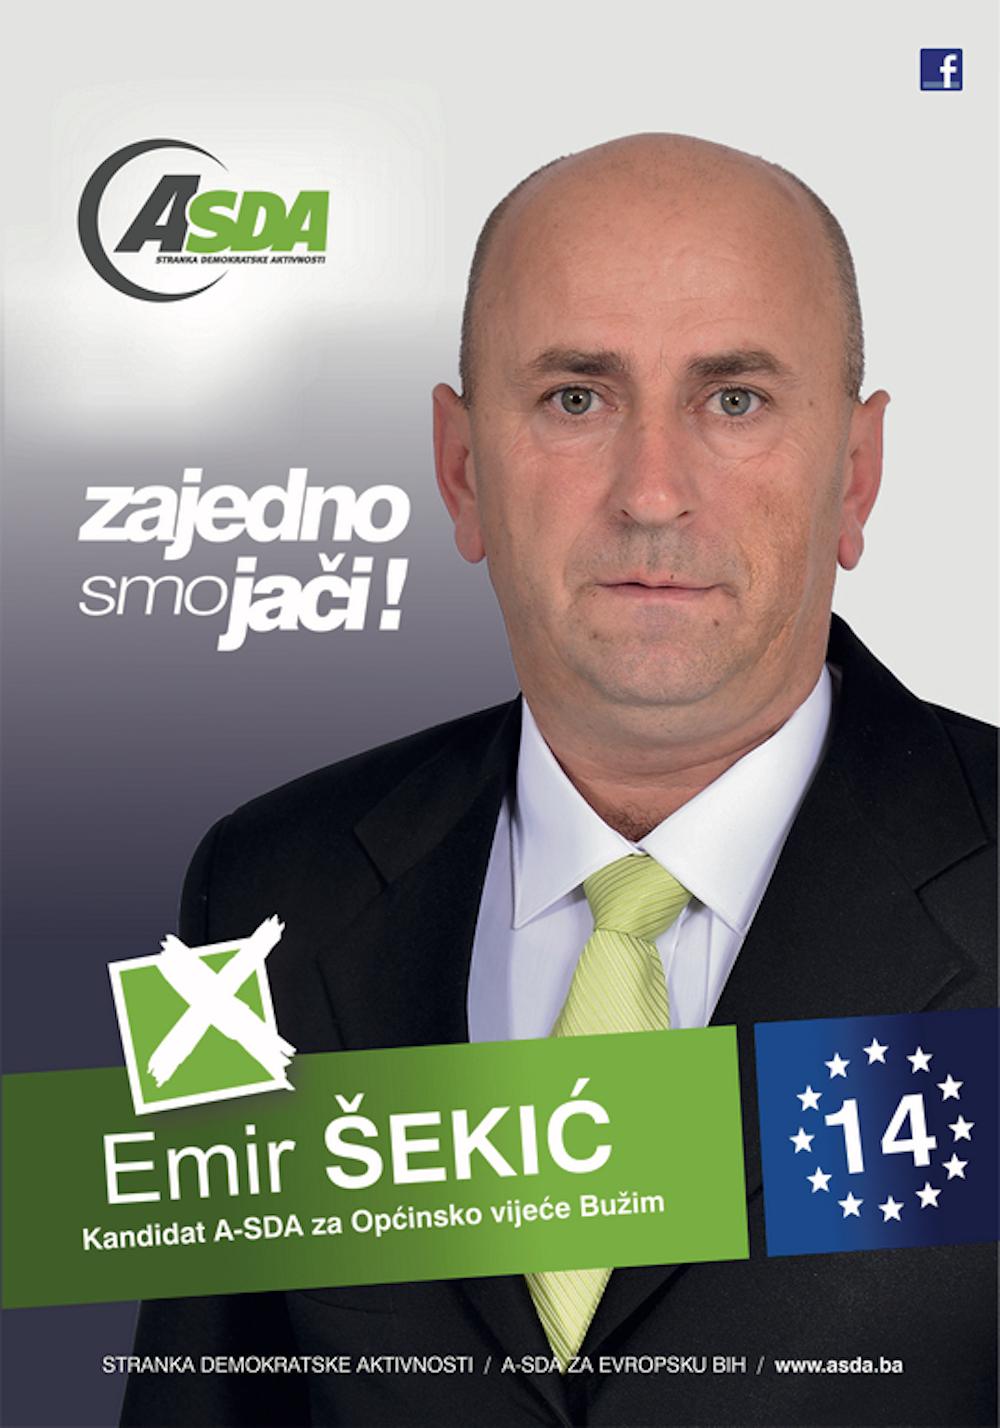 Emir Šekić